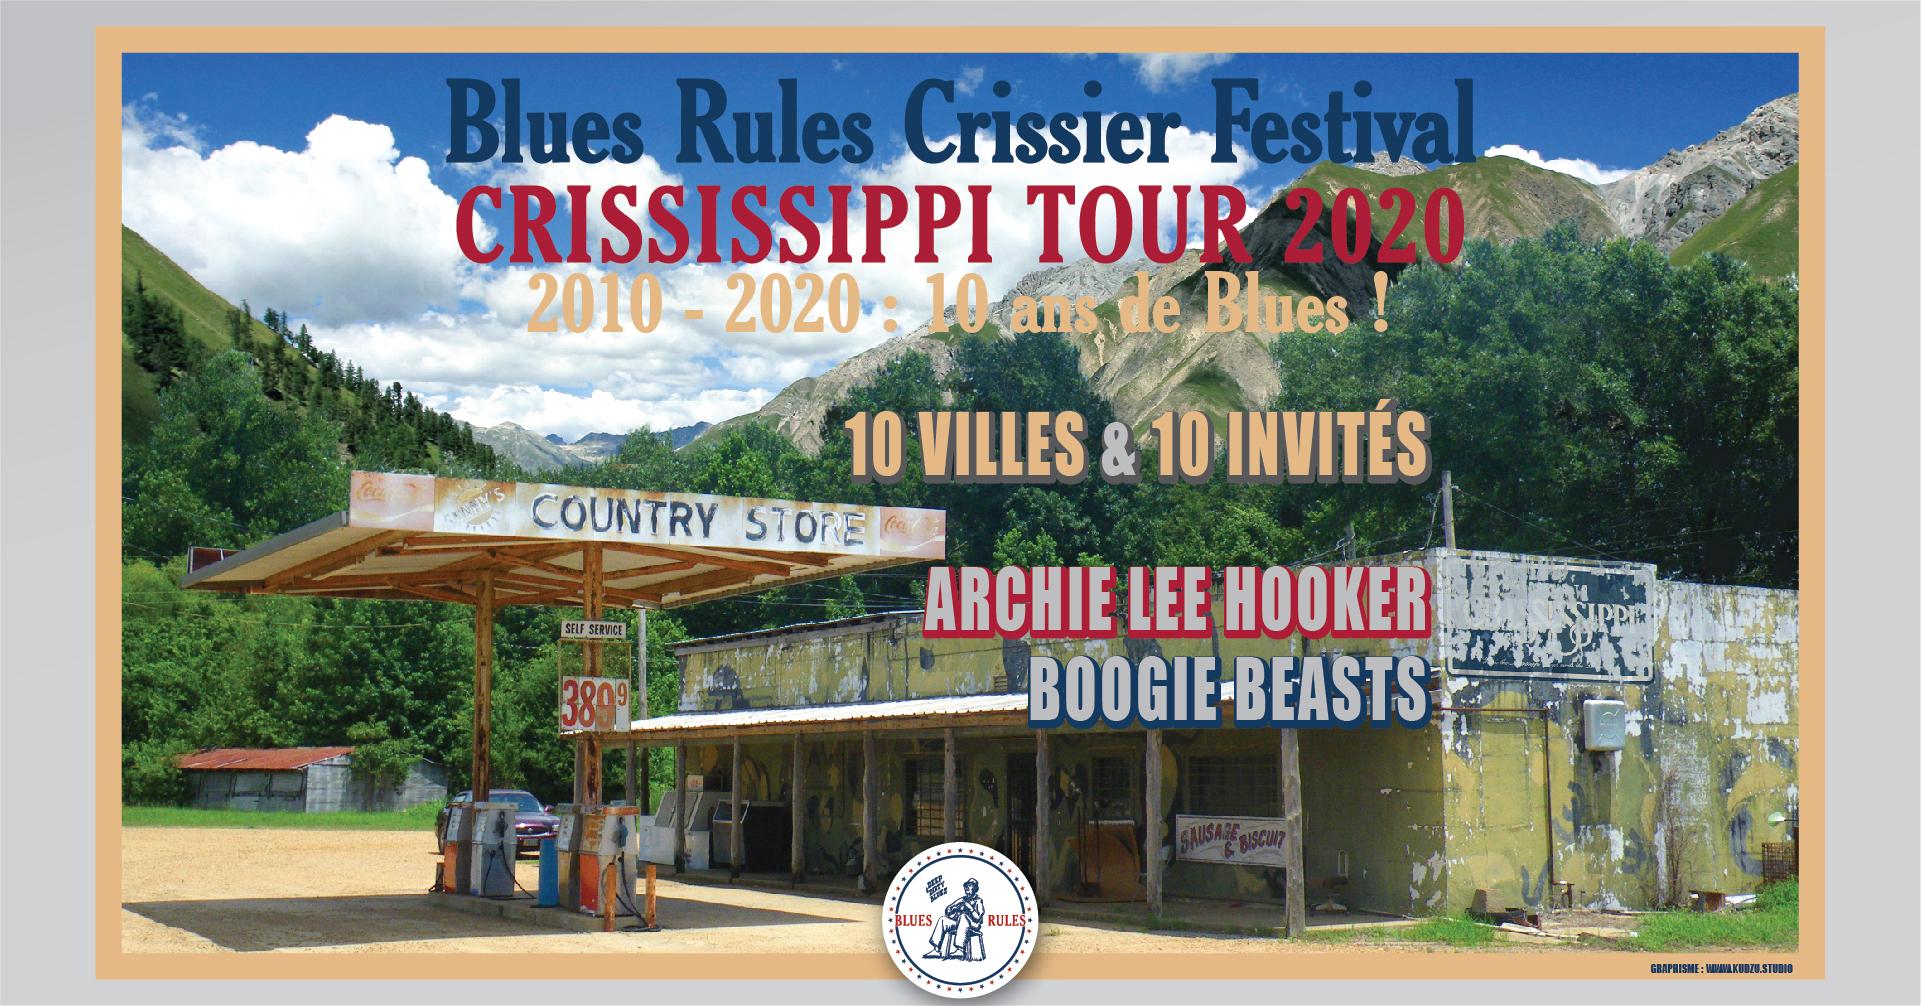 Affiche Blues Rules Crississippi Tour 2020